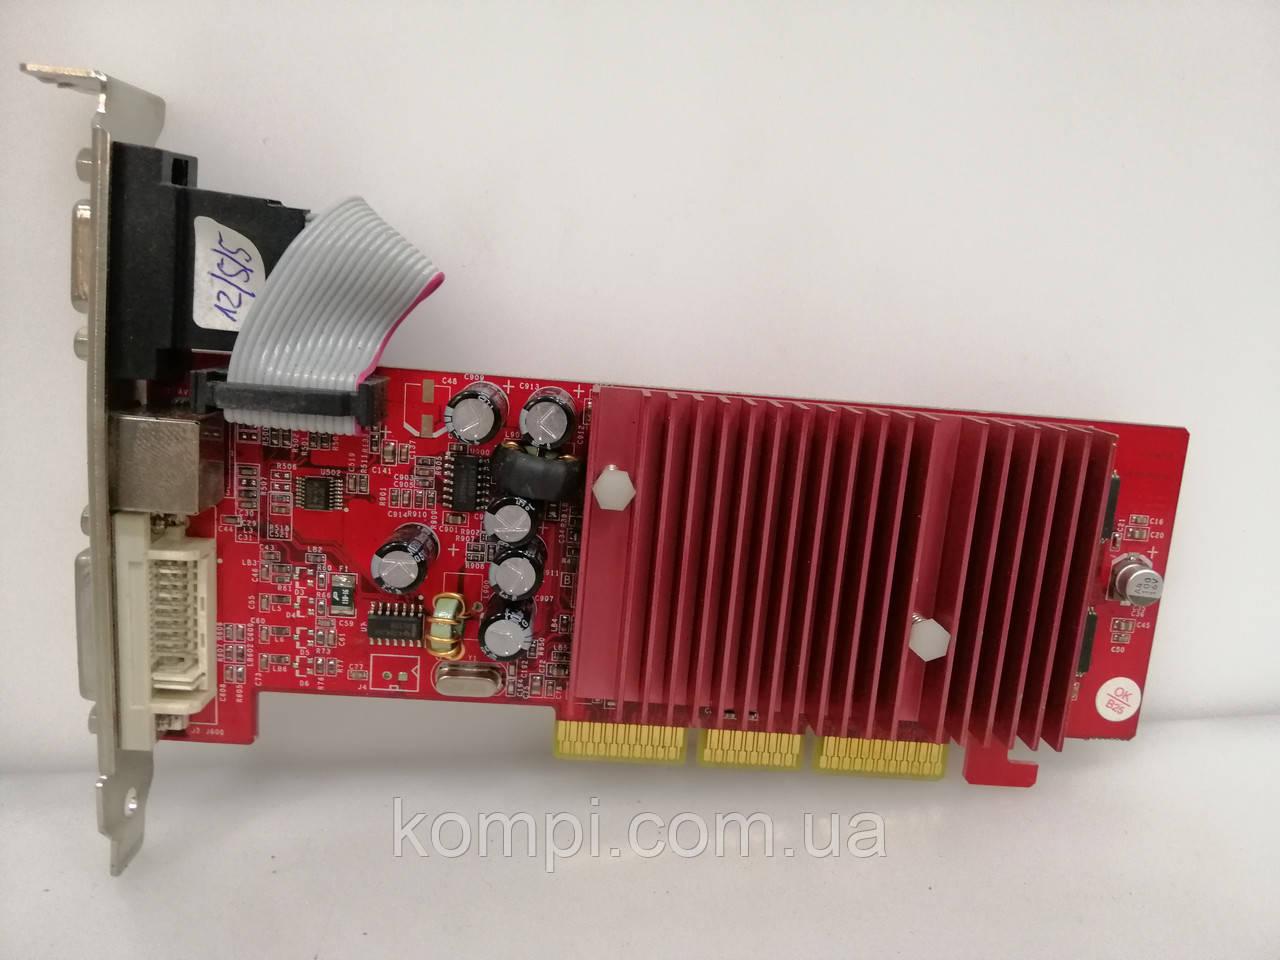 Видеокарта NVIDIA FX 5200  128Mb  AGP